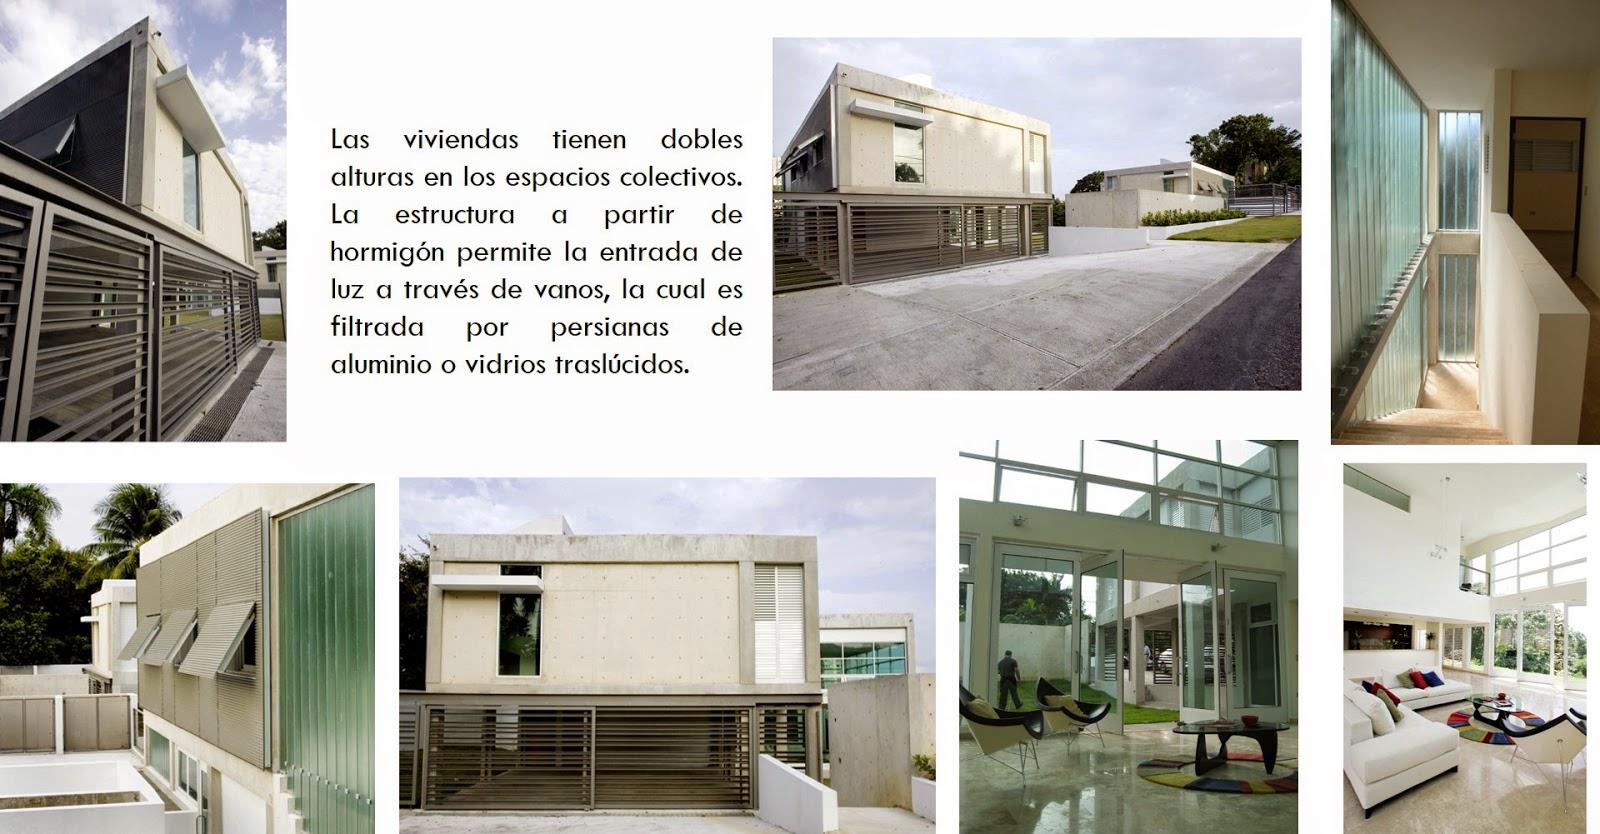 Arquitectura universidad del norte ejemplos casas for Arquitectura universidades